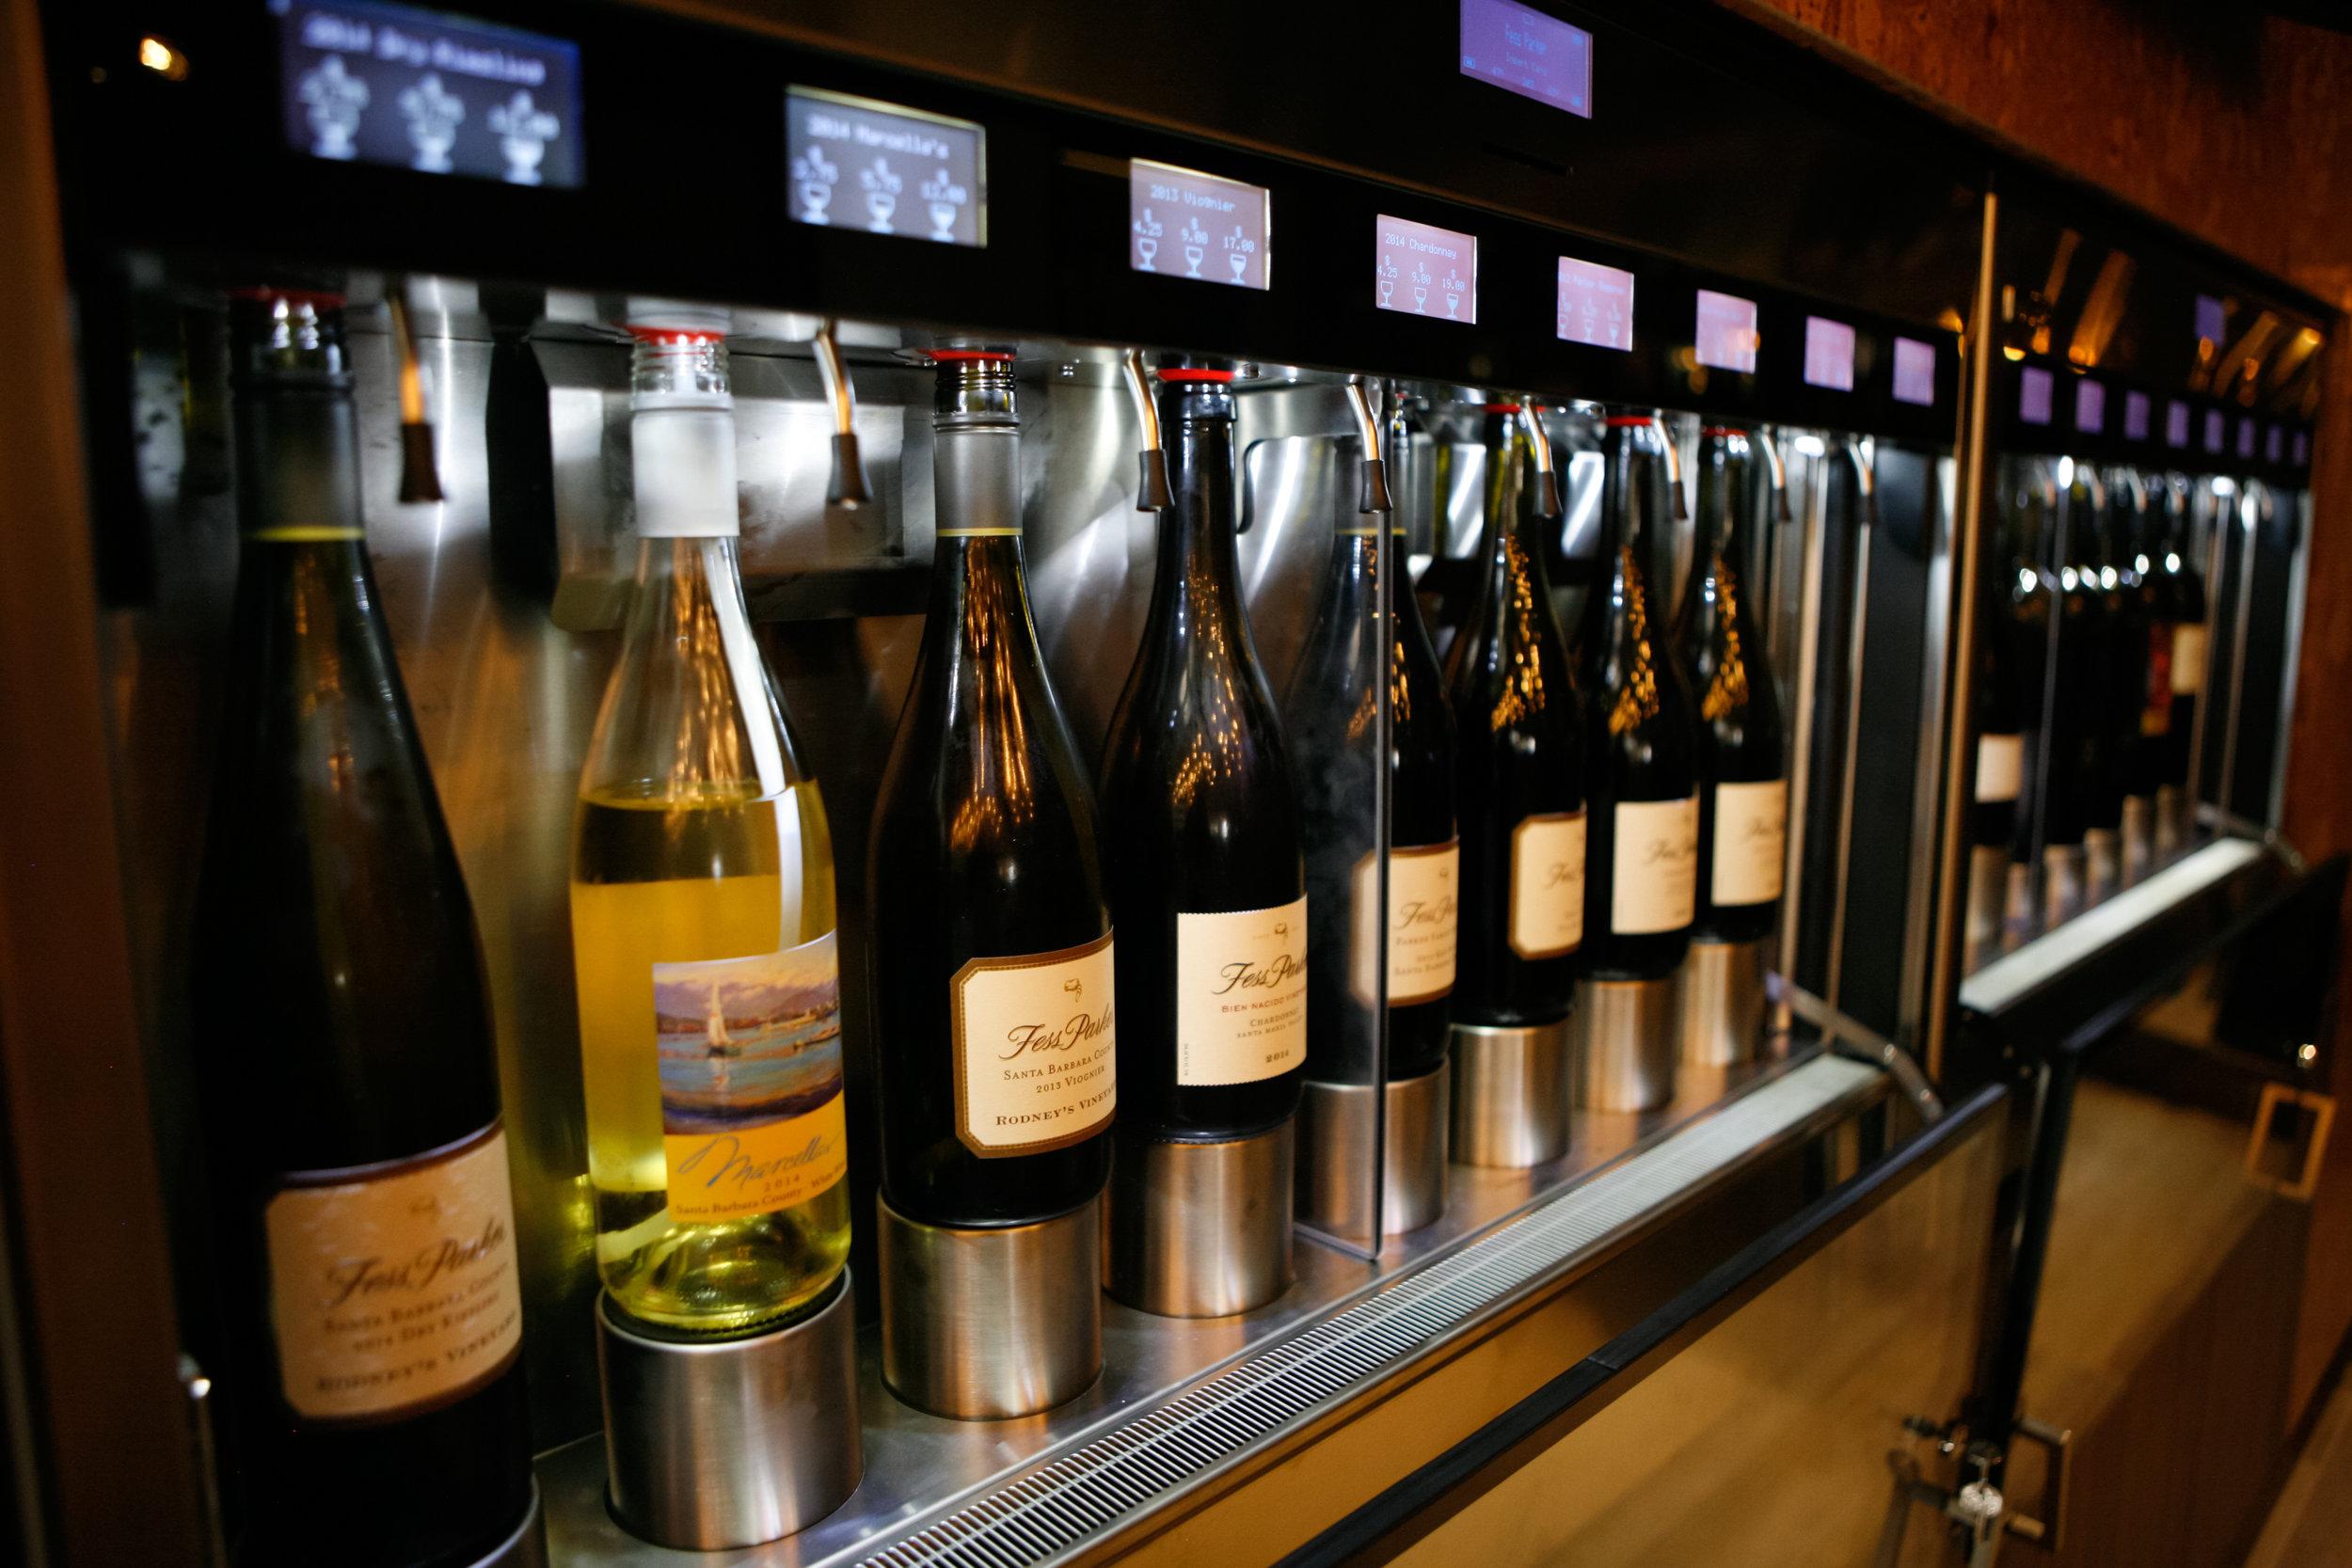 FessParker_WineTastingRoom wine machine.jpg